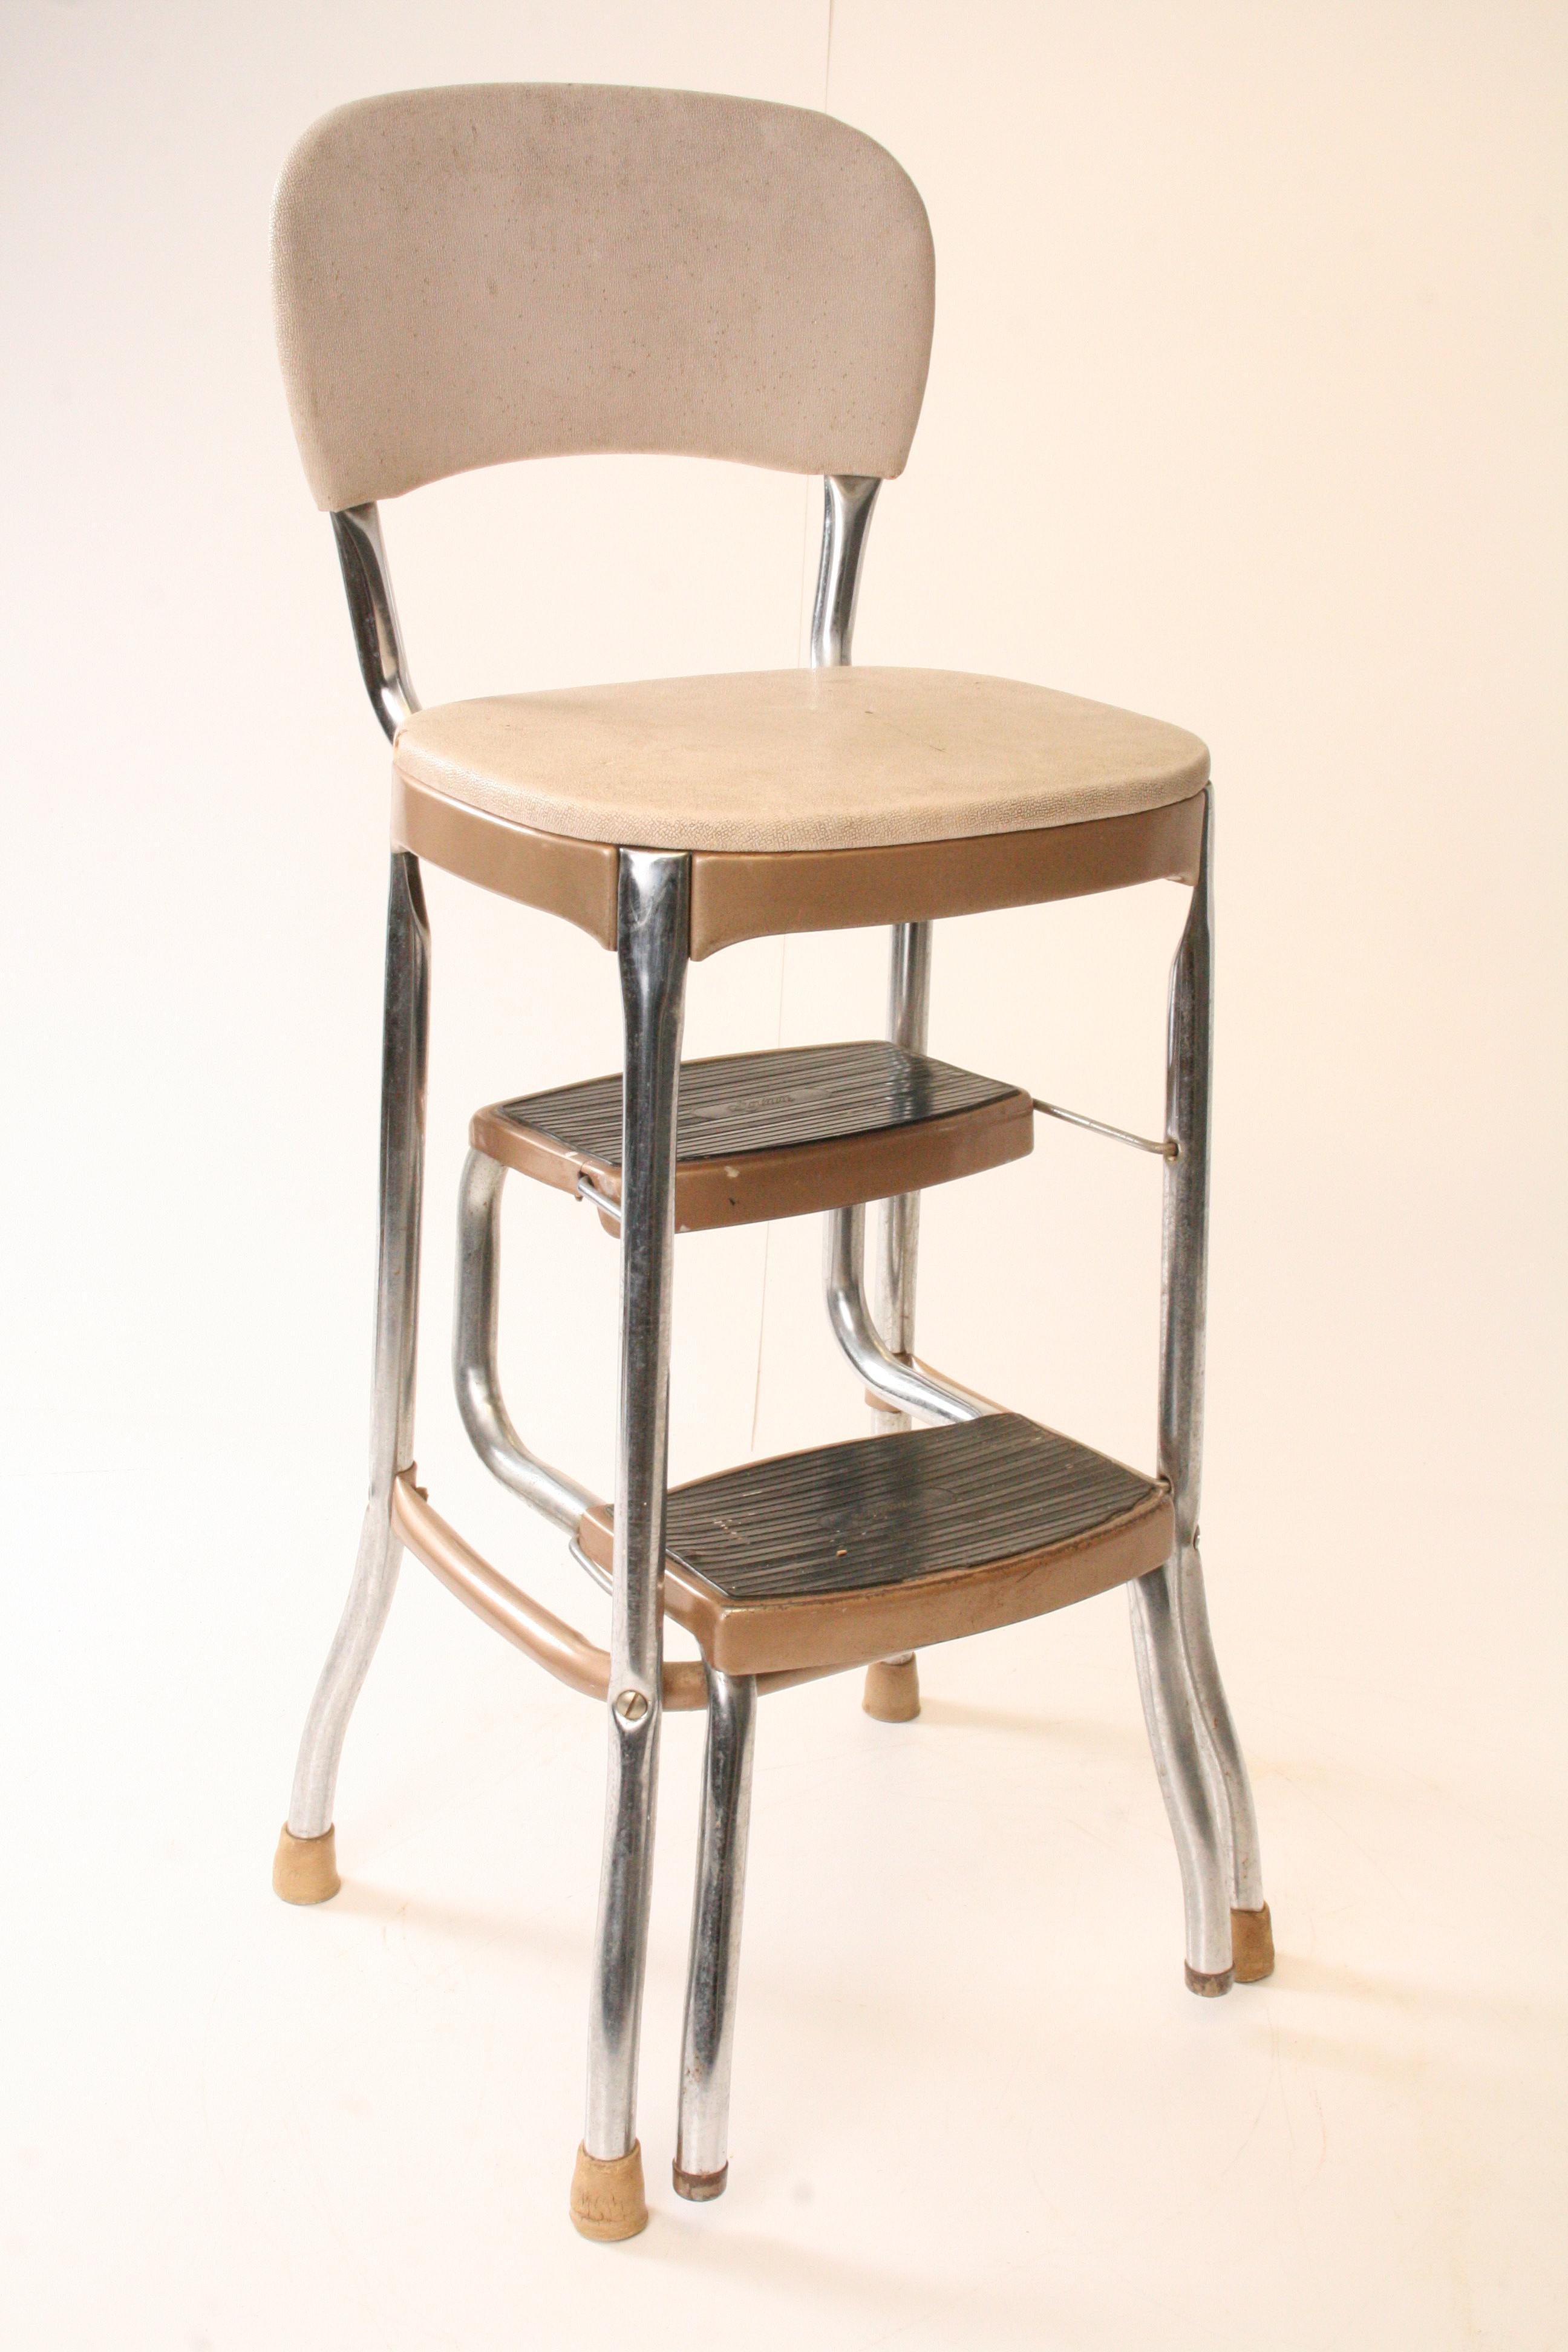 Mid Century Modern Beige Metal Kitchen Step Stool Chairish